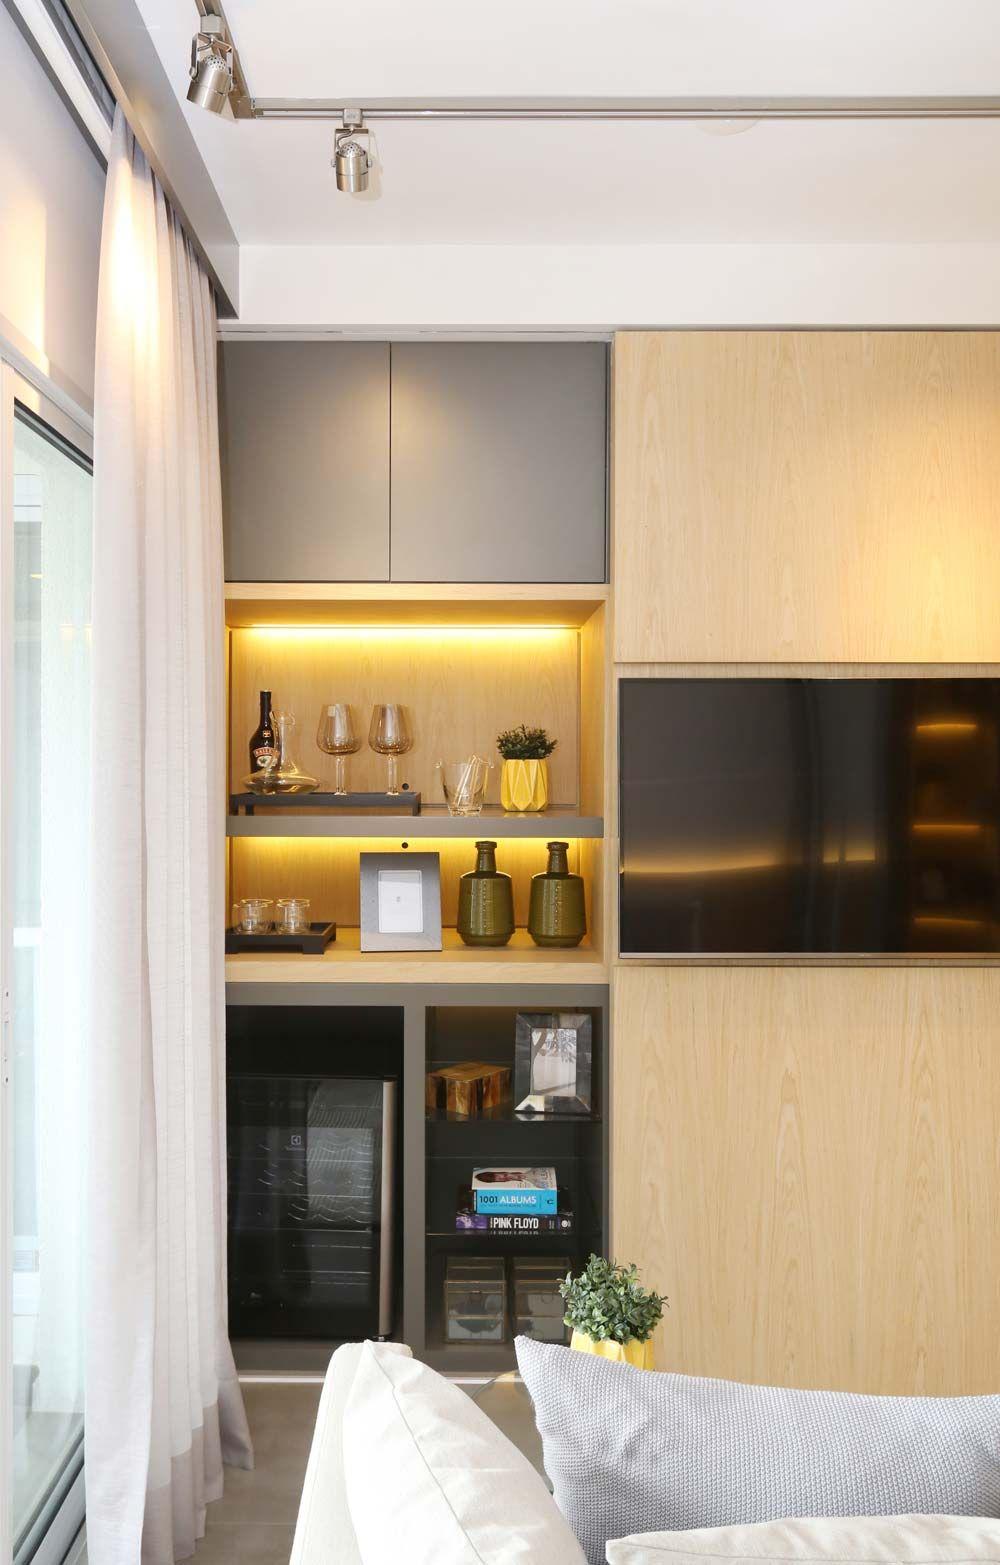 Sala De Tv Com Adega E Nichos Iluminados De Sesso Dalanezi  -> Adega Para Sala De Jantar Pequena